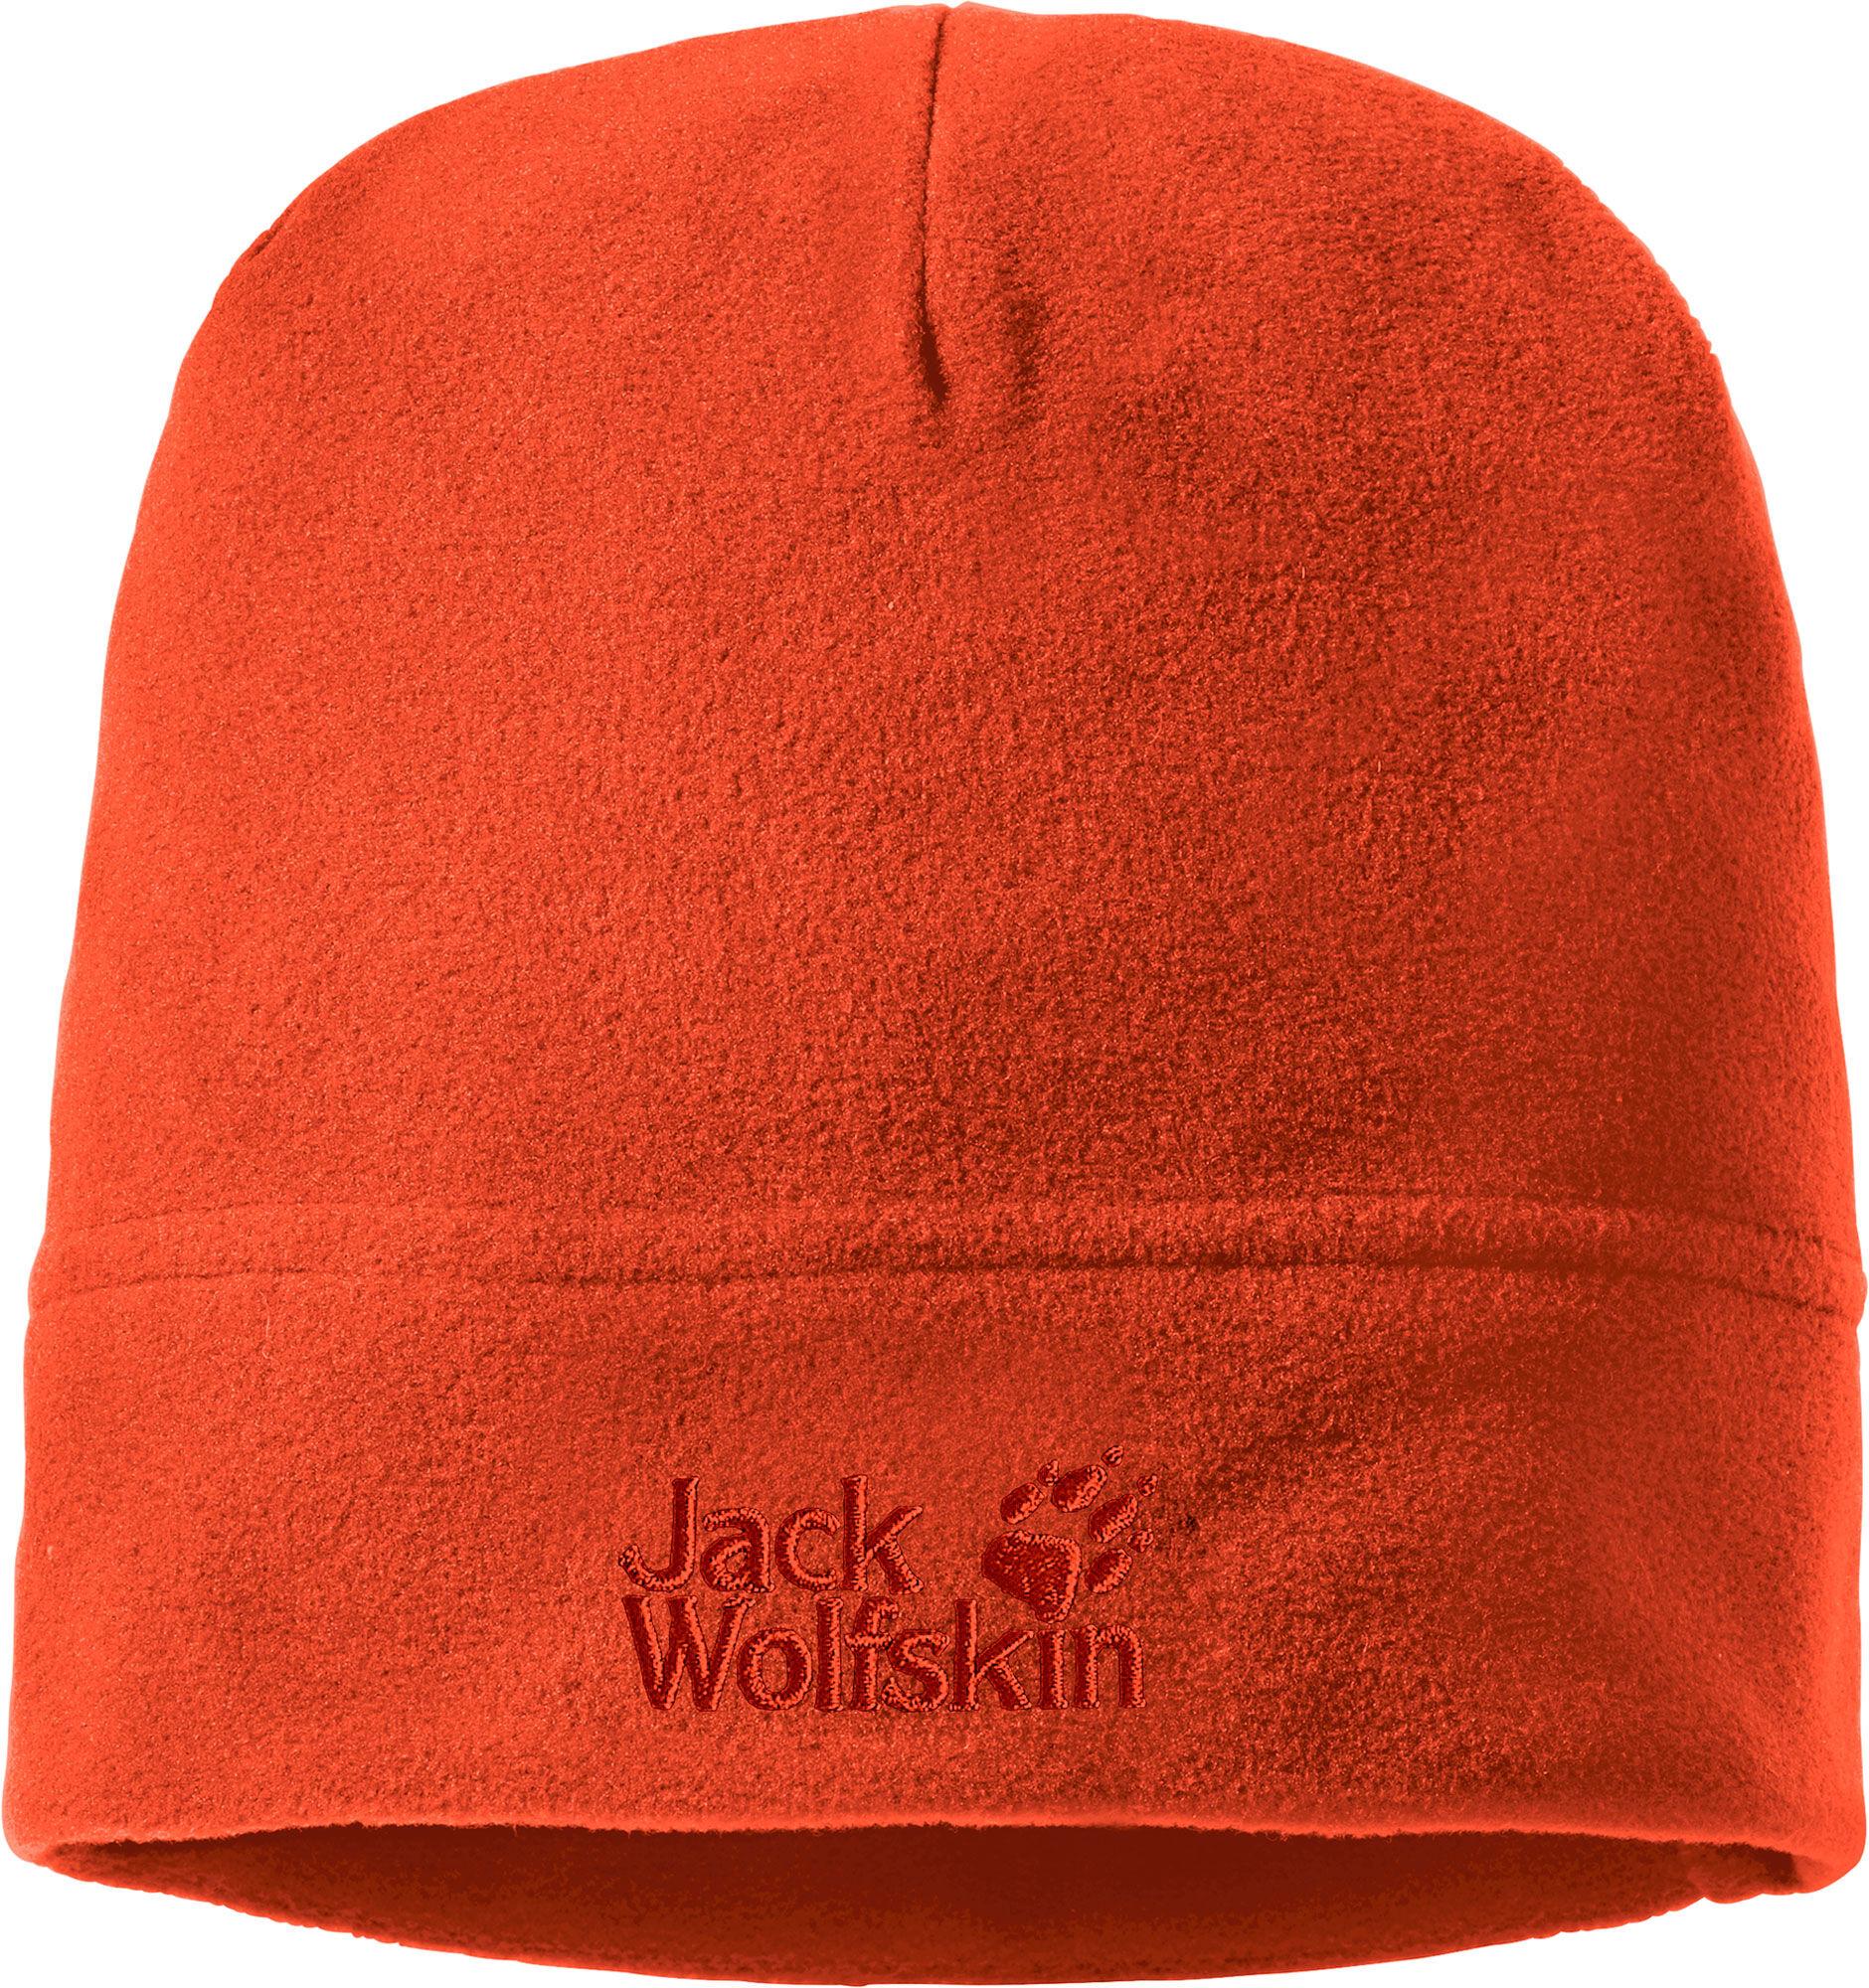 Jack Wolfskin® Onlineshop | INTERSPORT